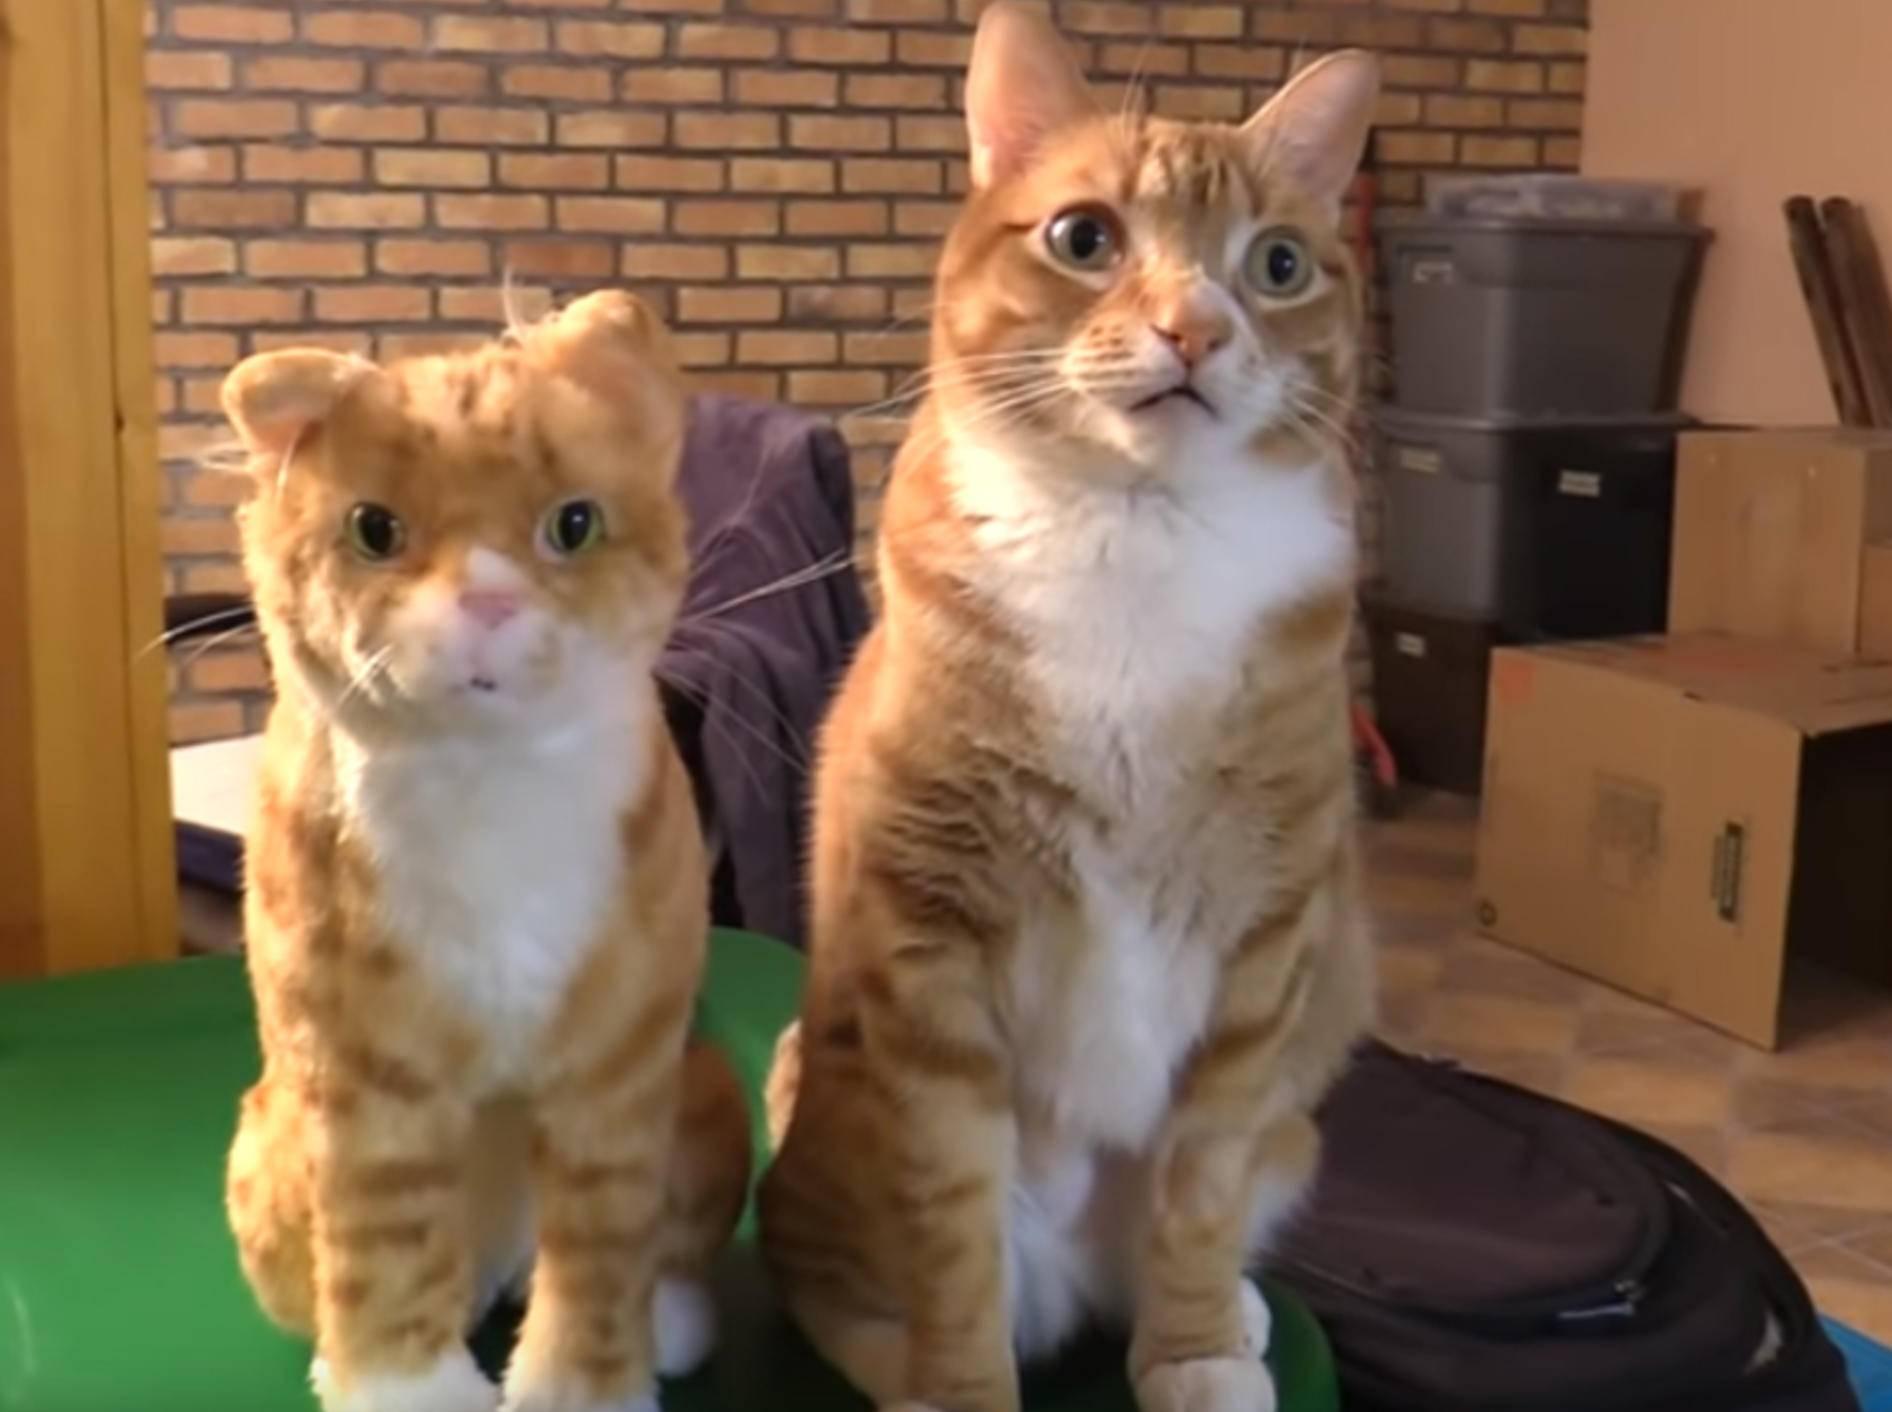 Samtpfote Marmalde trifft auf ihr plüschiges Pendant - Bild: YouTube / Cole and Marmalde